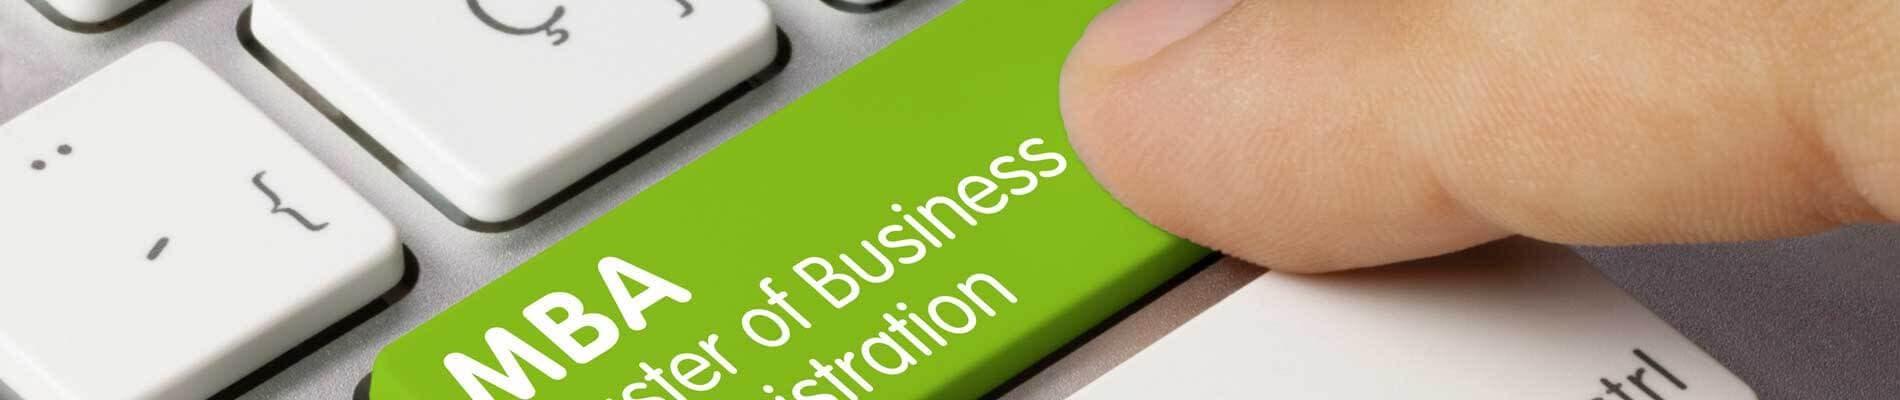 Gestione aziendale e direzione d'impresa